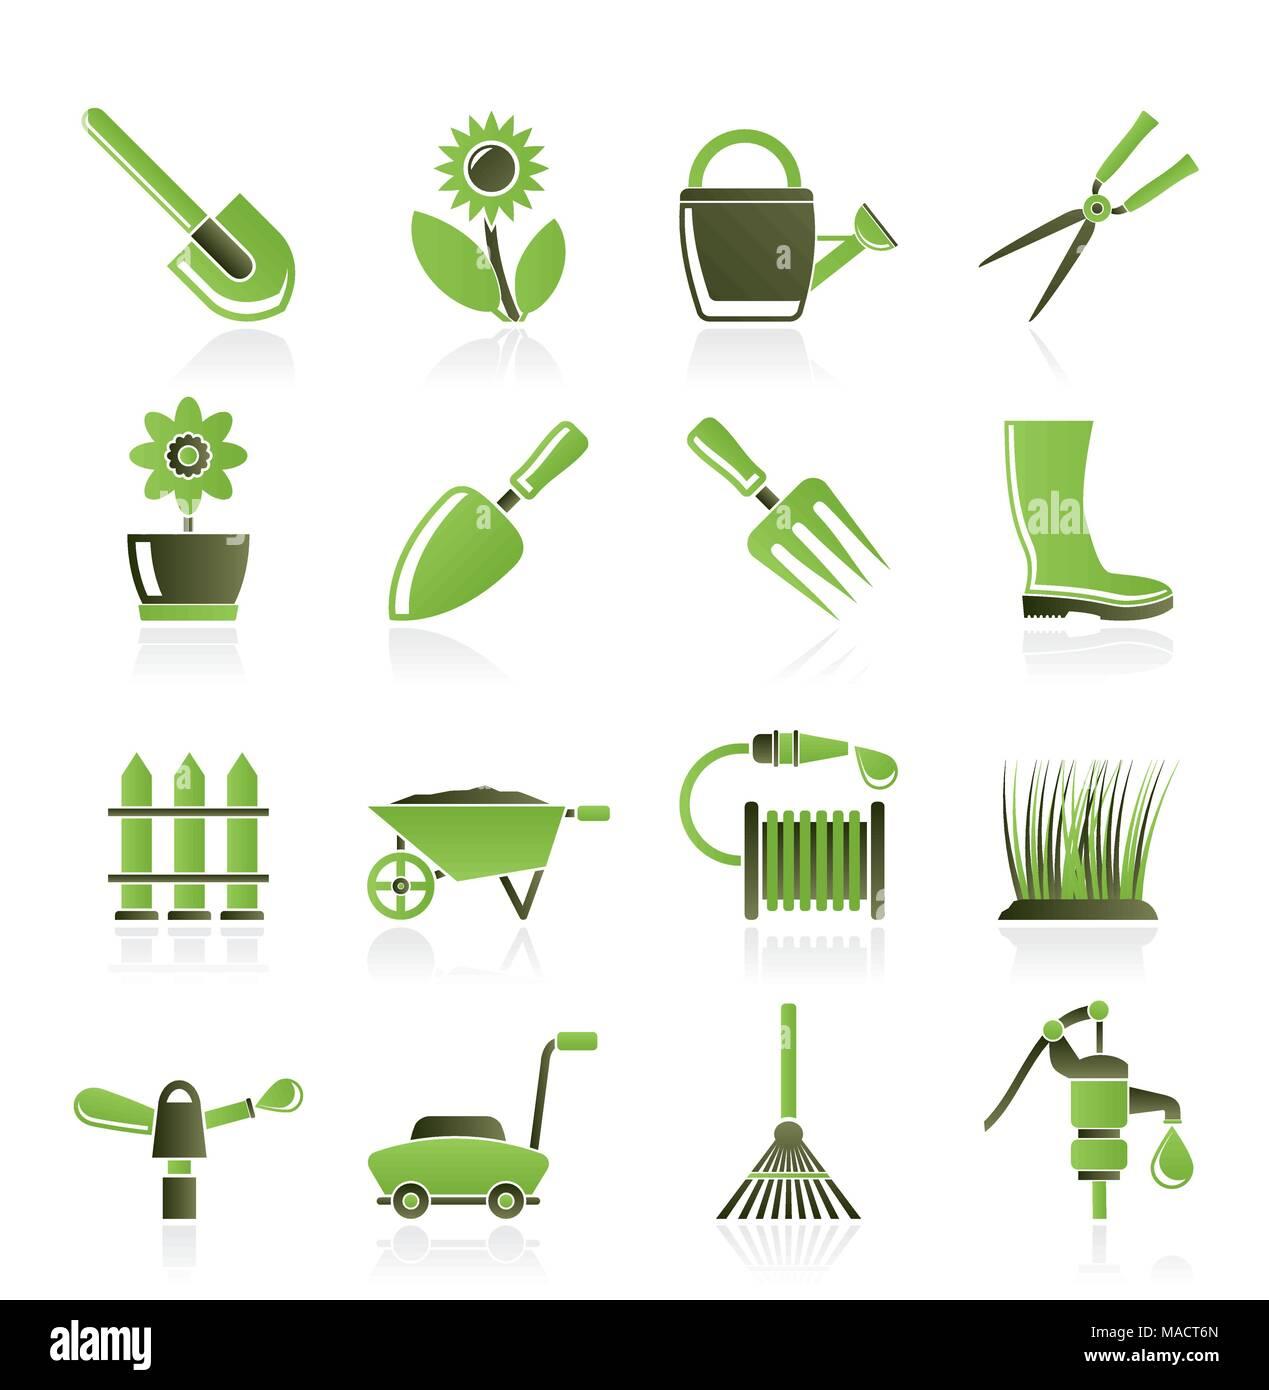 Jardin et outils de jardinage et les icônes des objets - vector icon set Photo Stock